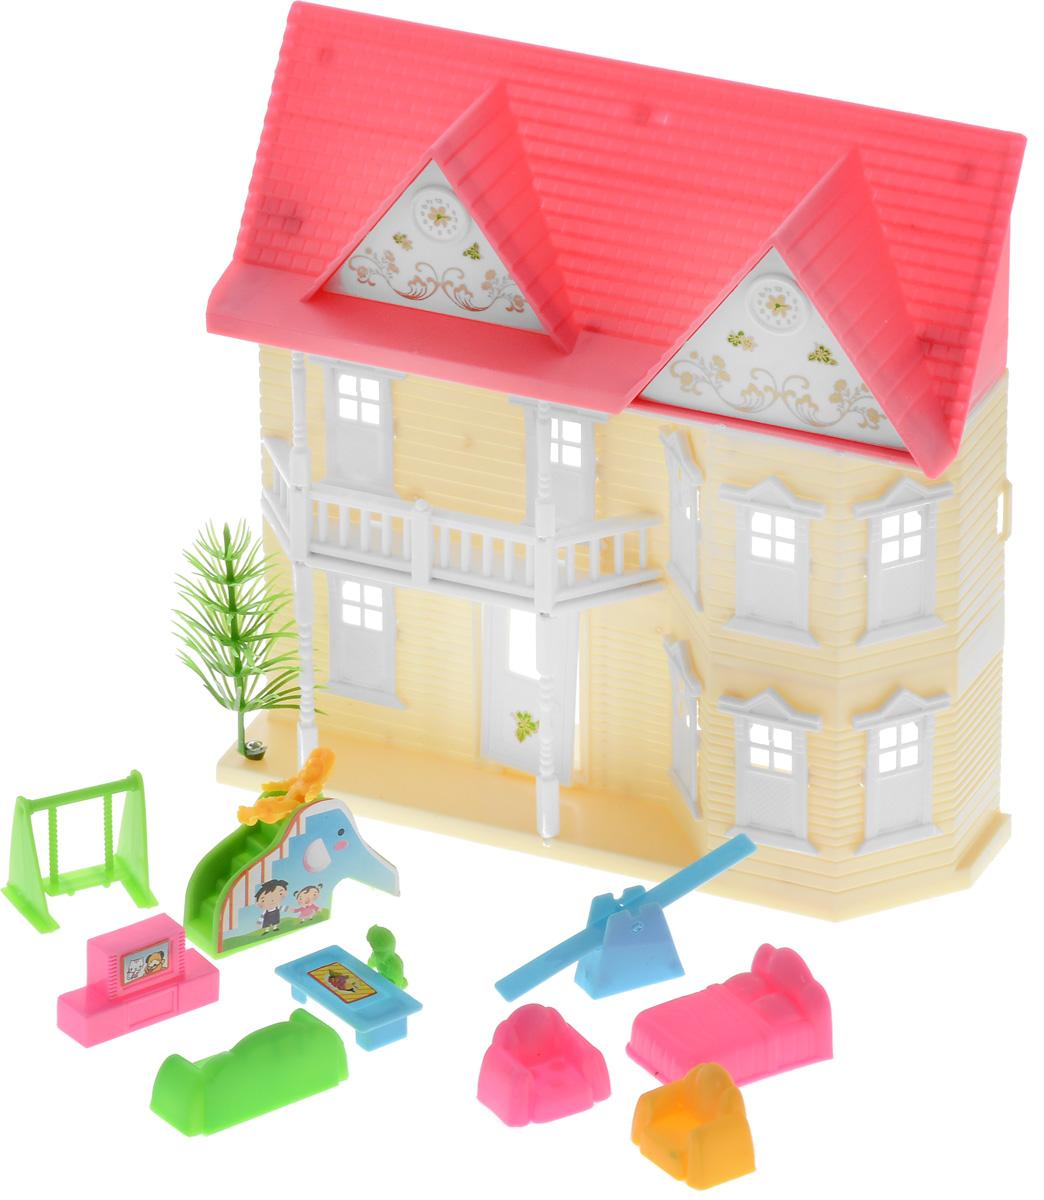 ABtoys Дом для кукол цвет молочный розовыйPT-00137(08008A-1)ст_серый молочный розовыйШикарный дом для маленьких кукол ABtoys привлечет внимание вашей малышки и не позволит ей скучать. Домик выполнен из прочного безопасного пластика. Замечательный дом оснащен окошками, балконами и открывающейся дверью. В наборе с домиком имеется множество аксессуаров: кровать, диван, 2 кресла, 2 маленькие фигурки, тумба с телевизором, чайный столик, 2 качели, горка. Фигурки могут сгибаться в талии, благодаря чему их можно посадить на диванчик или кресла. Качельки из набора подвижные. Такой набор придется по душе вашему ребенку. Порадуйте свою принцессу таким замечательным подарком!